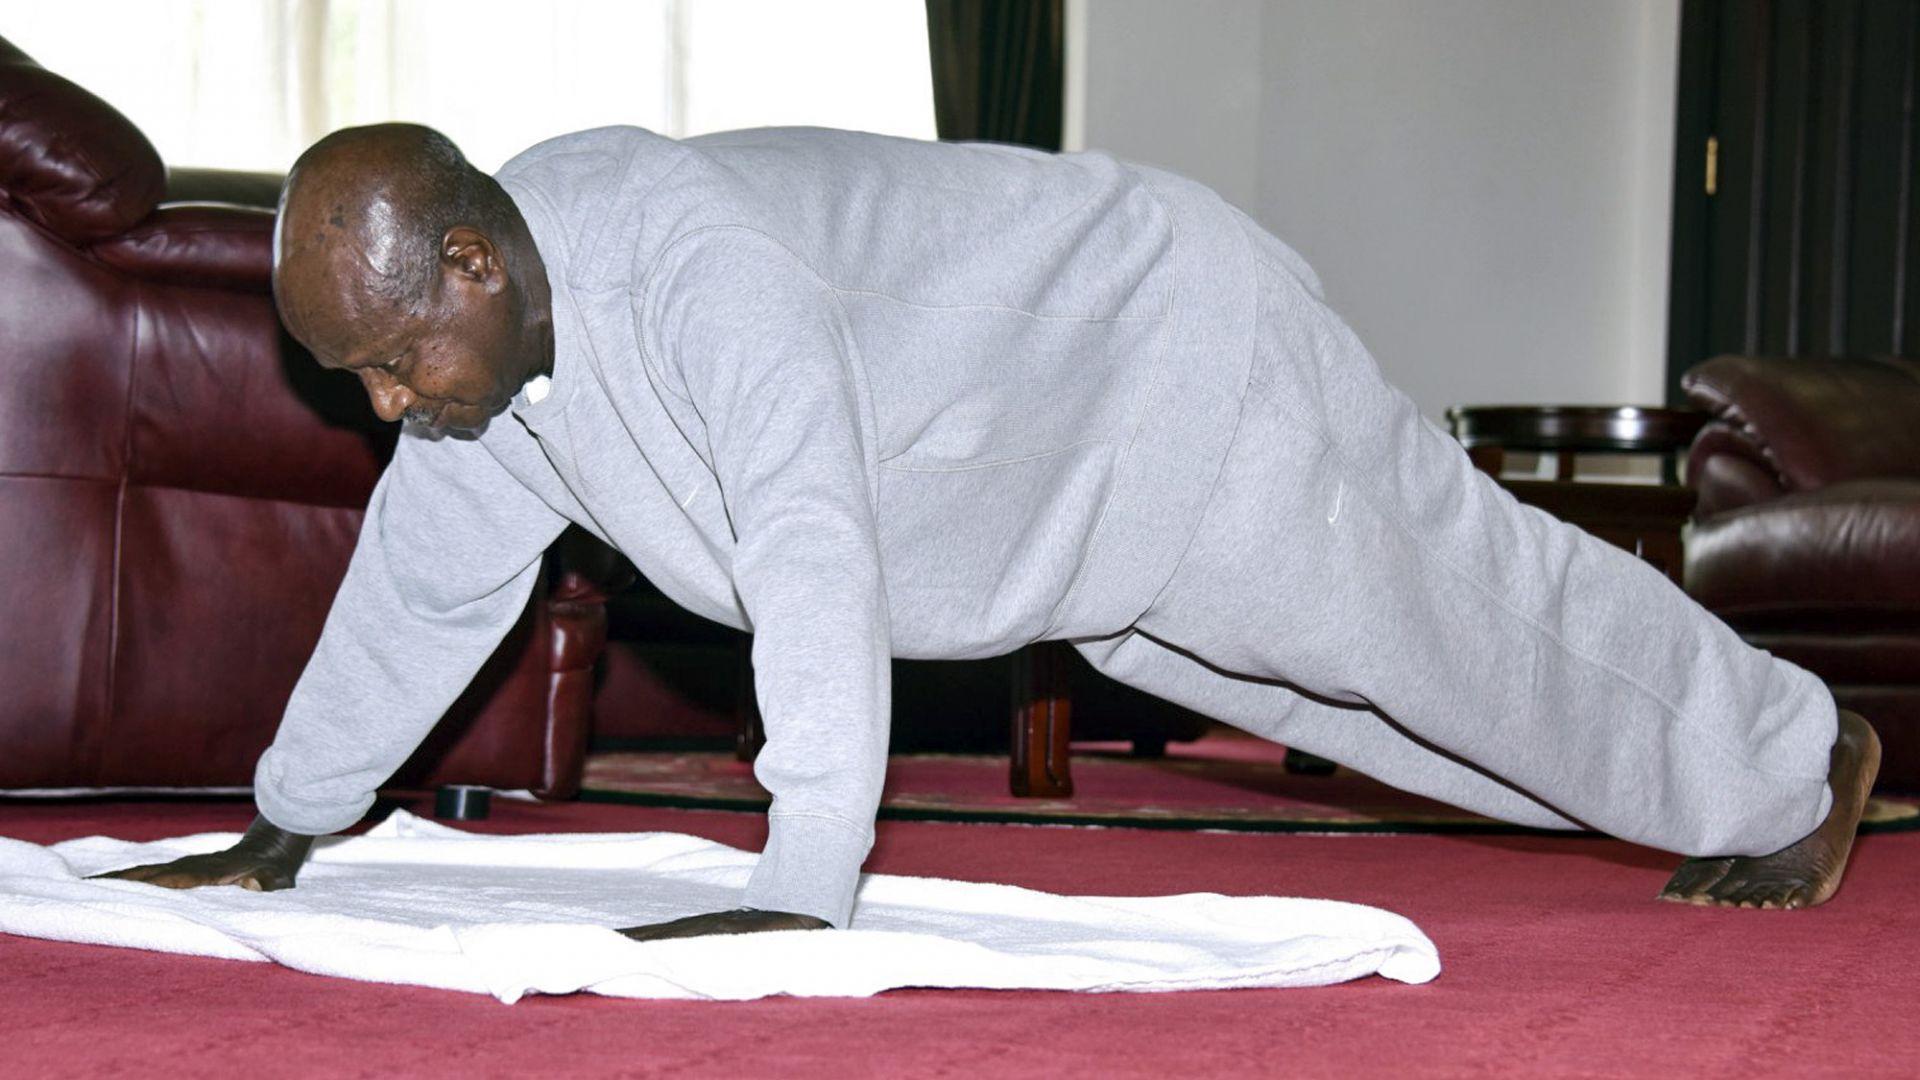 Президентът на Уганда Йовери Мусевени публикува видеоклип, в който показва